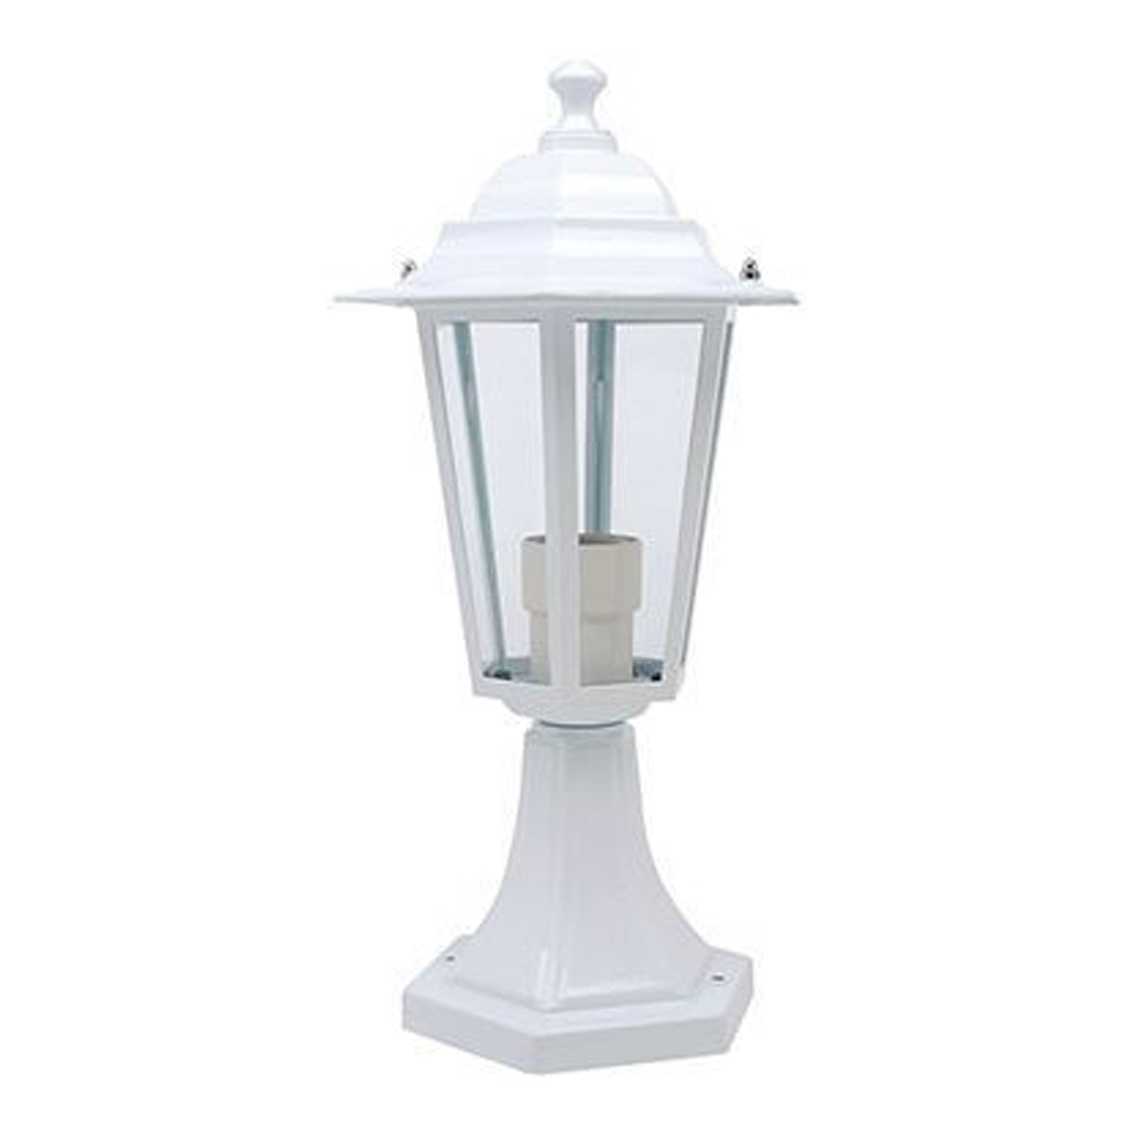 Vrtna lampa svjetiljka bijela E27 ERGUVAN HL271 Horoz Elektro Vukojevic